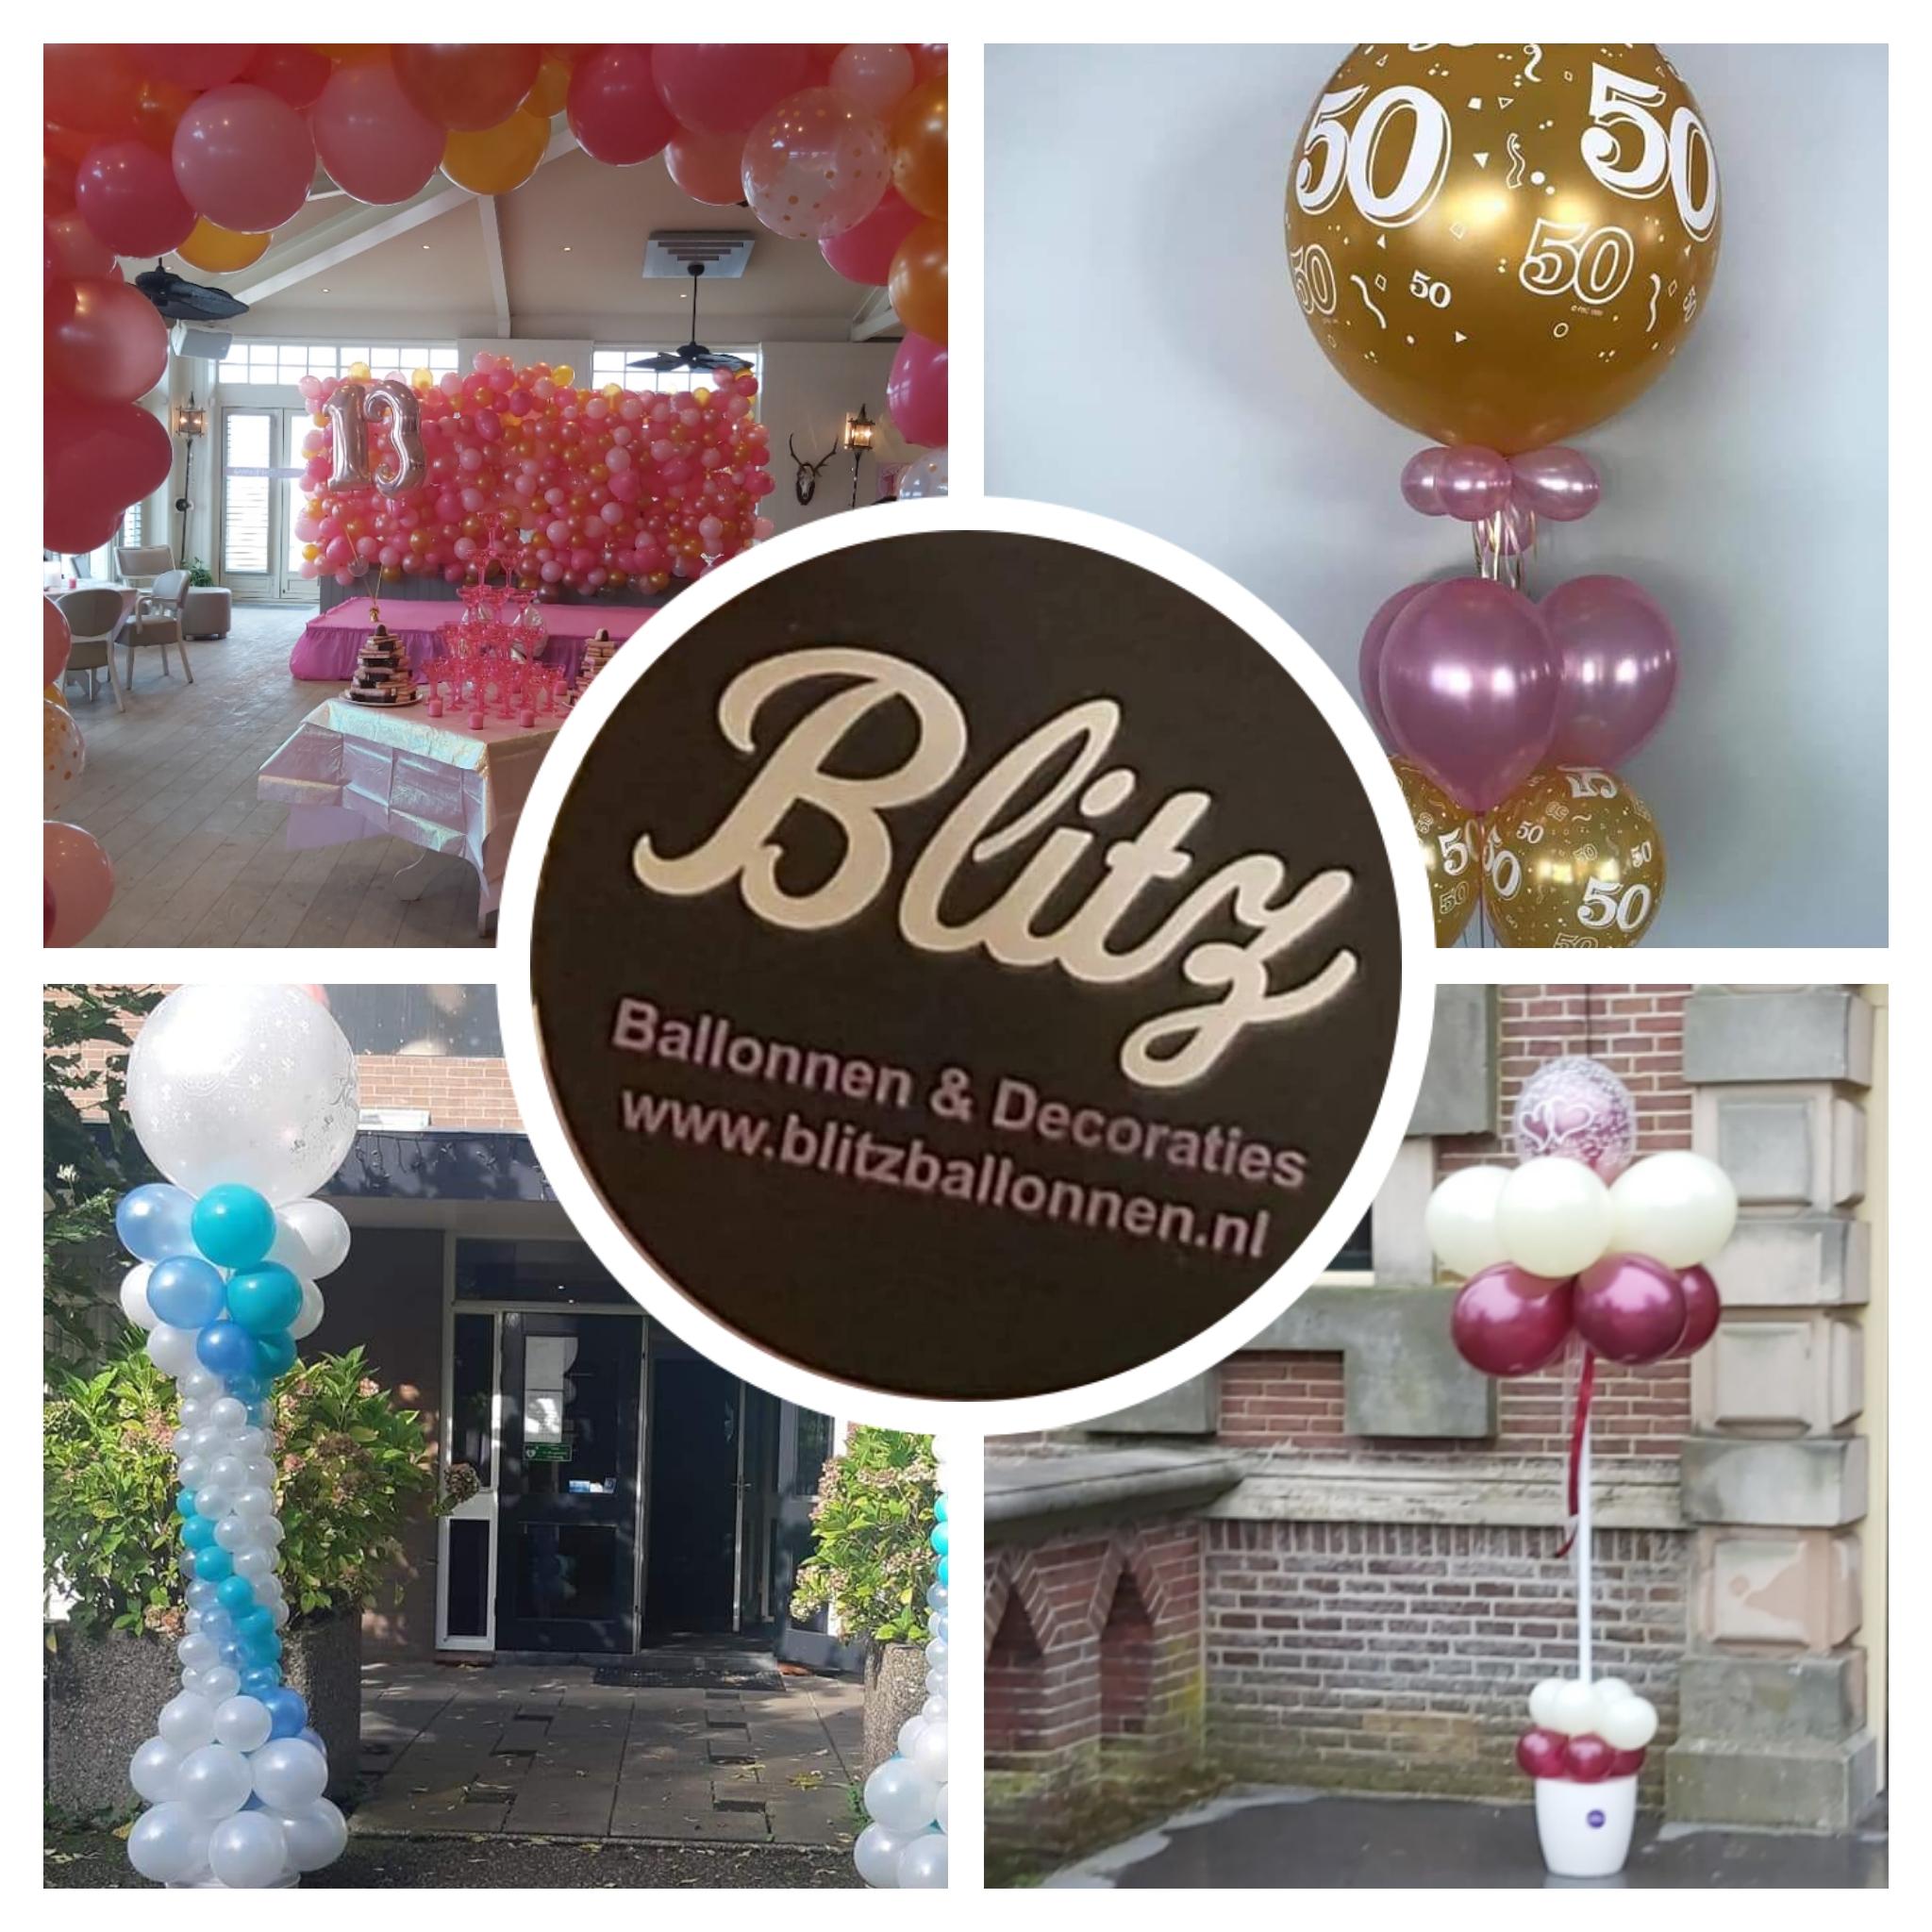 Blitz Ballonnen